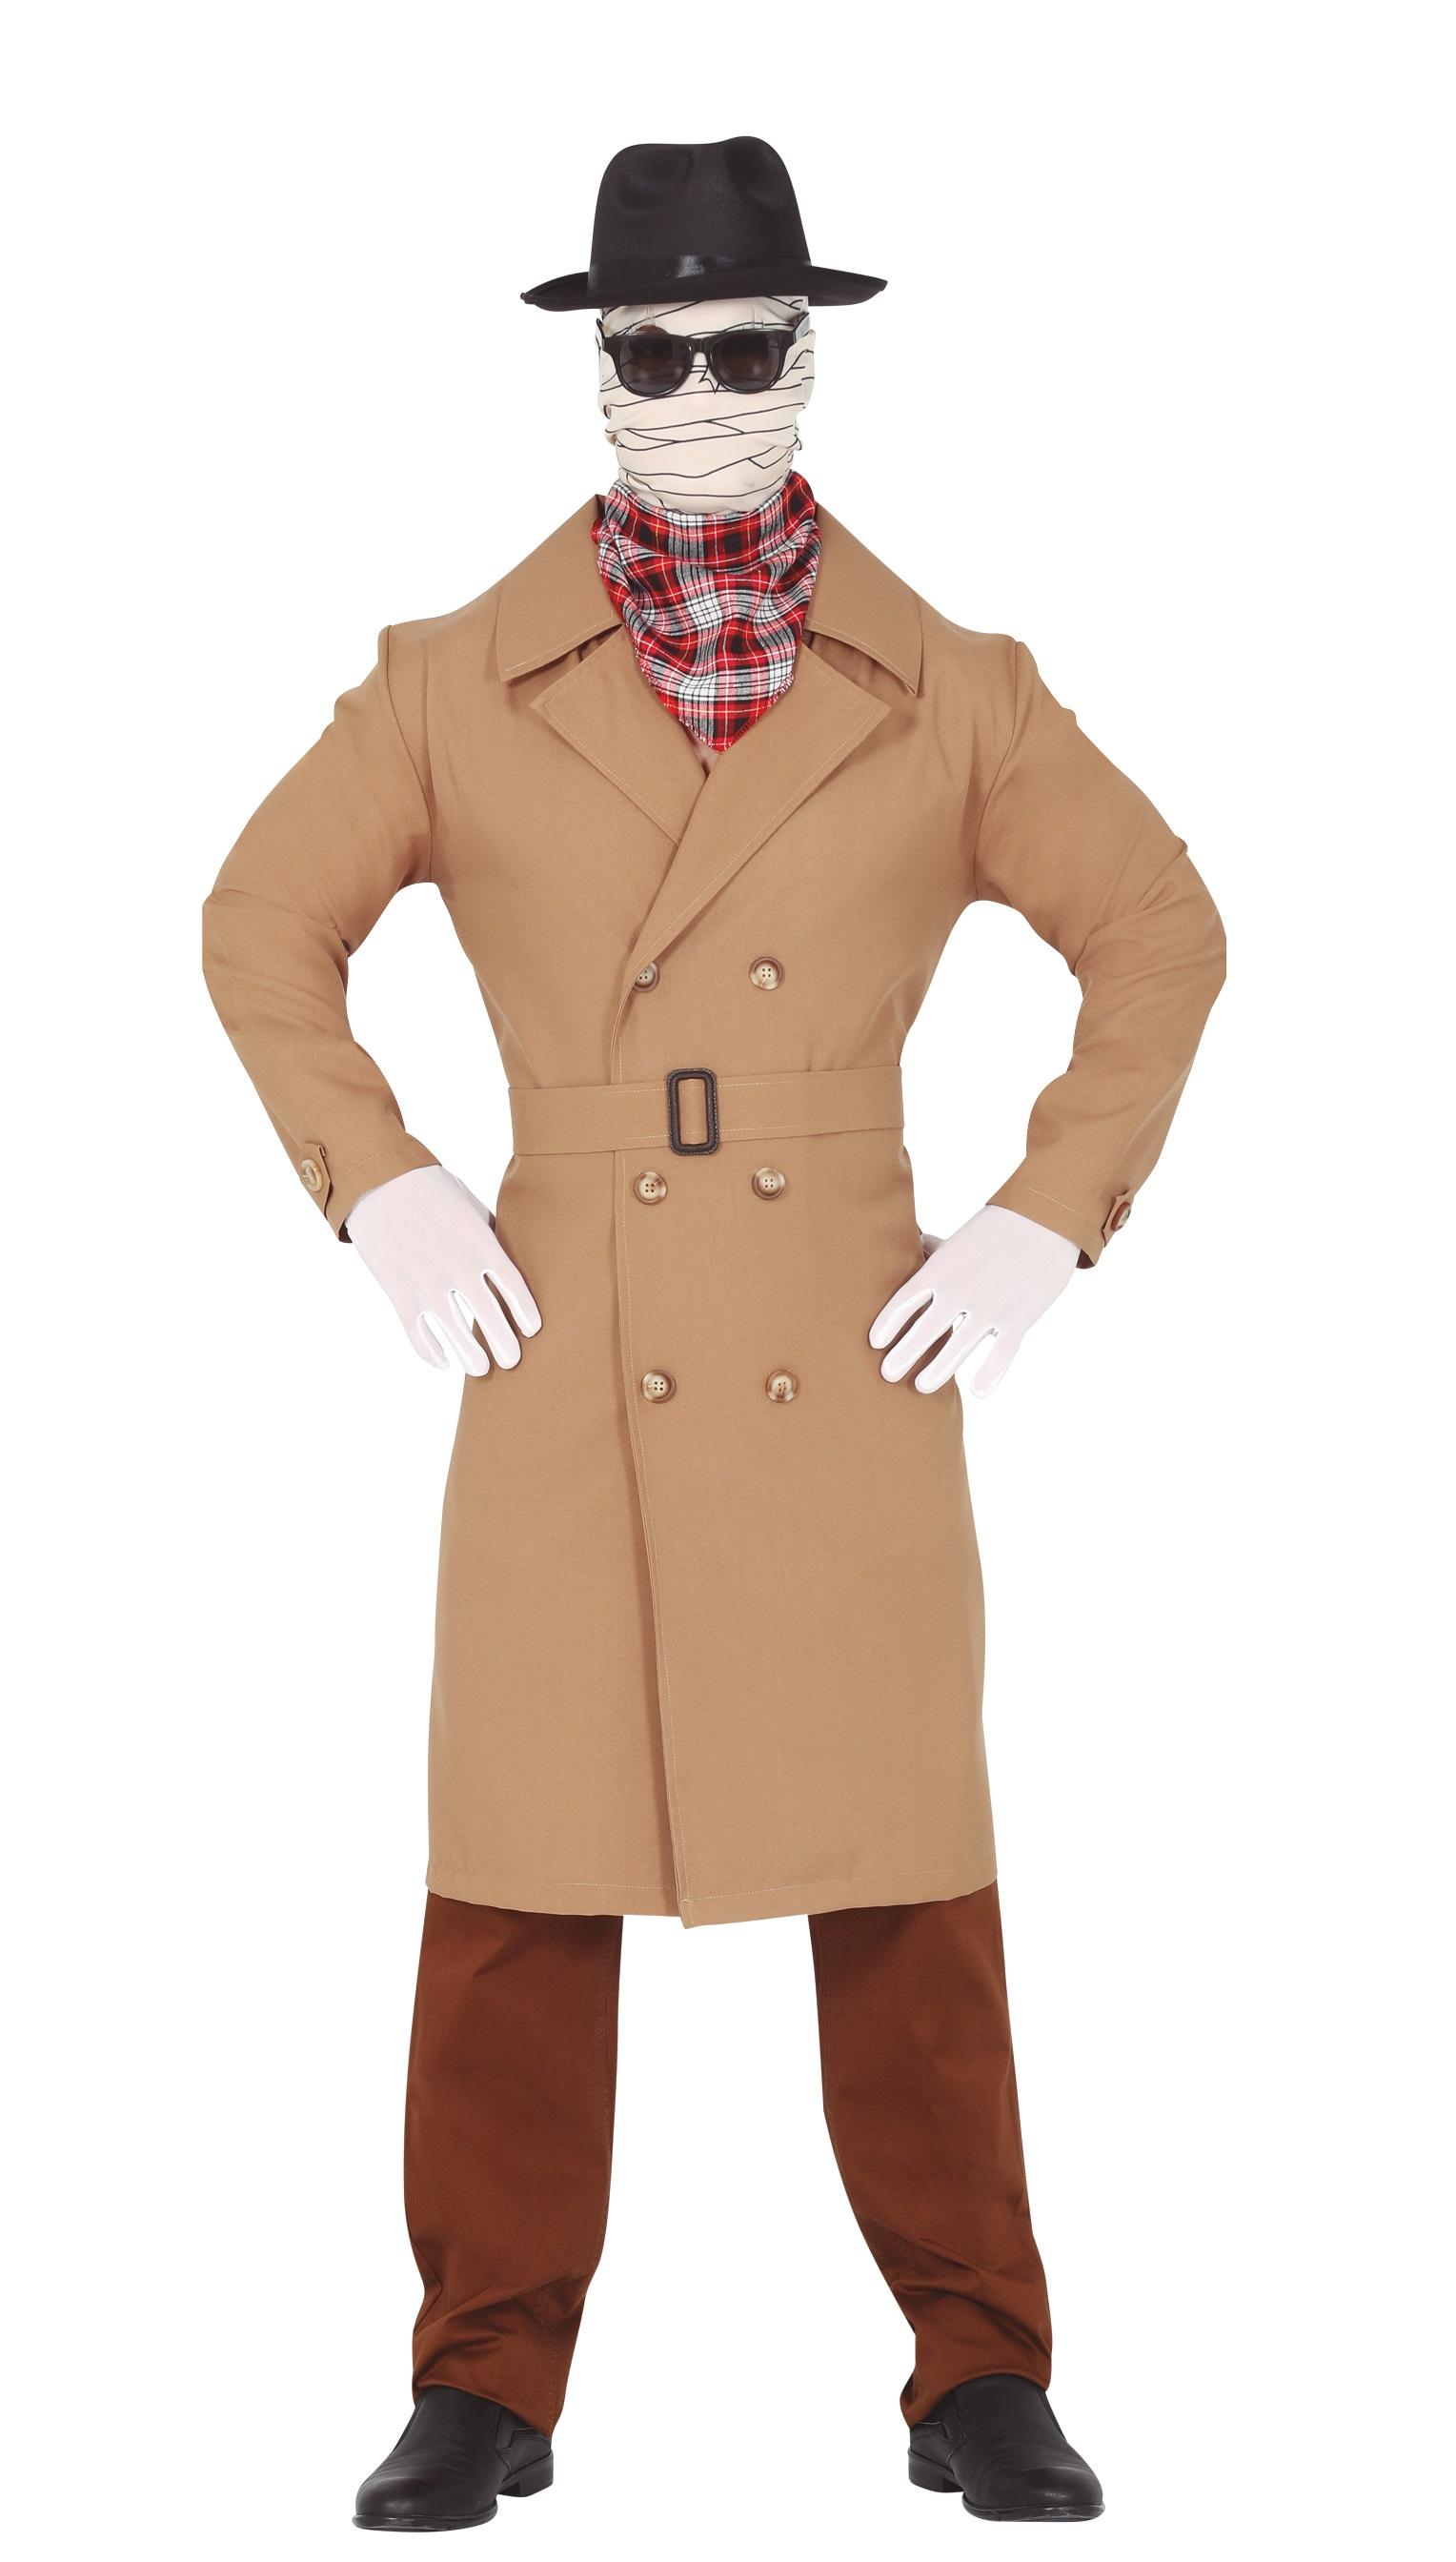 Guirca Pánsky kostým - The Invisible Man Veľkosť - dospelý: M